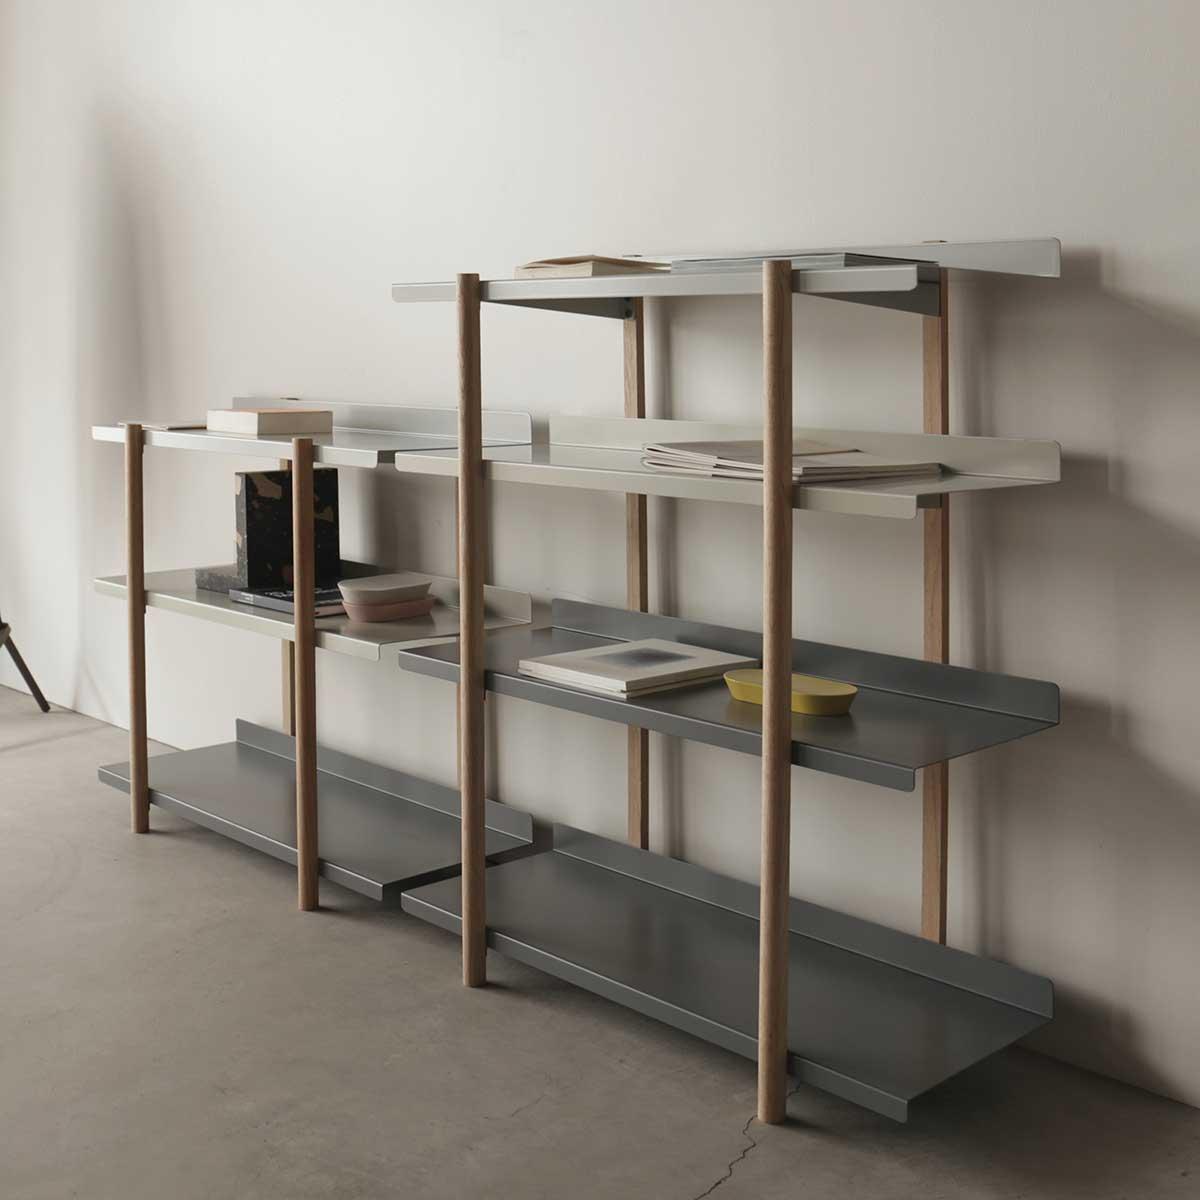 不思議なくらい絵になる、建築家がミリ単位で追求した造形美の家具。色違いの棚板を入れ替えるたびに、新鮮な空間づくりができる「シェルフ(棚)」DUENDE Marge Shelf(デュエンデ マージ シェルフ)